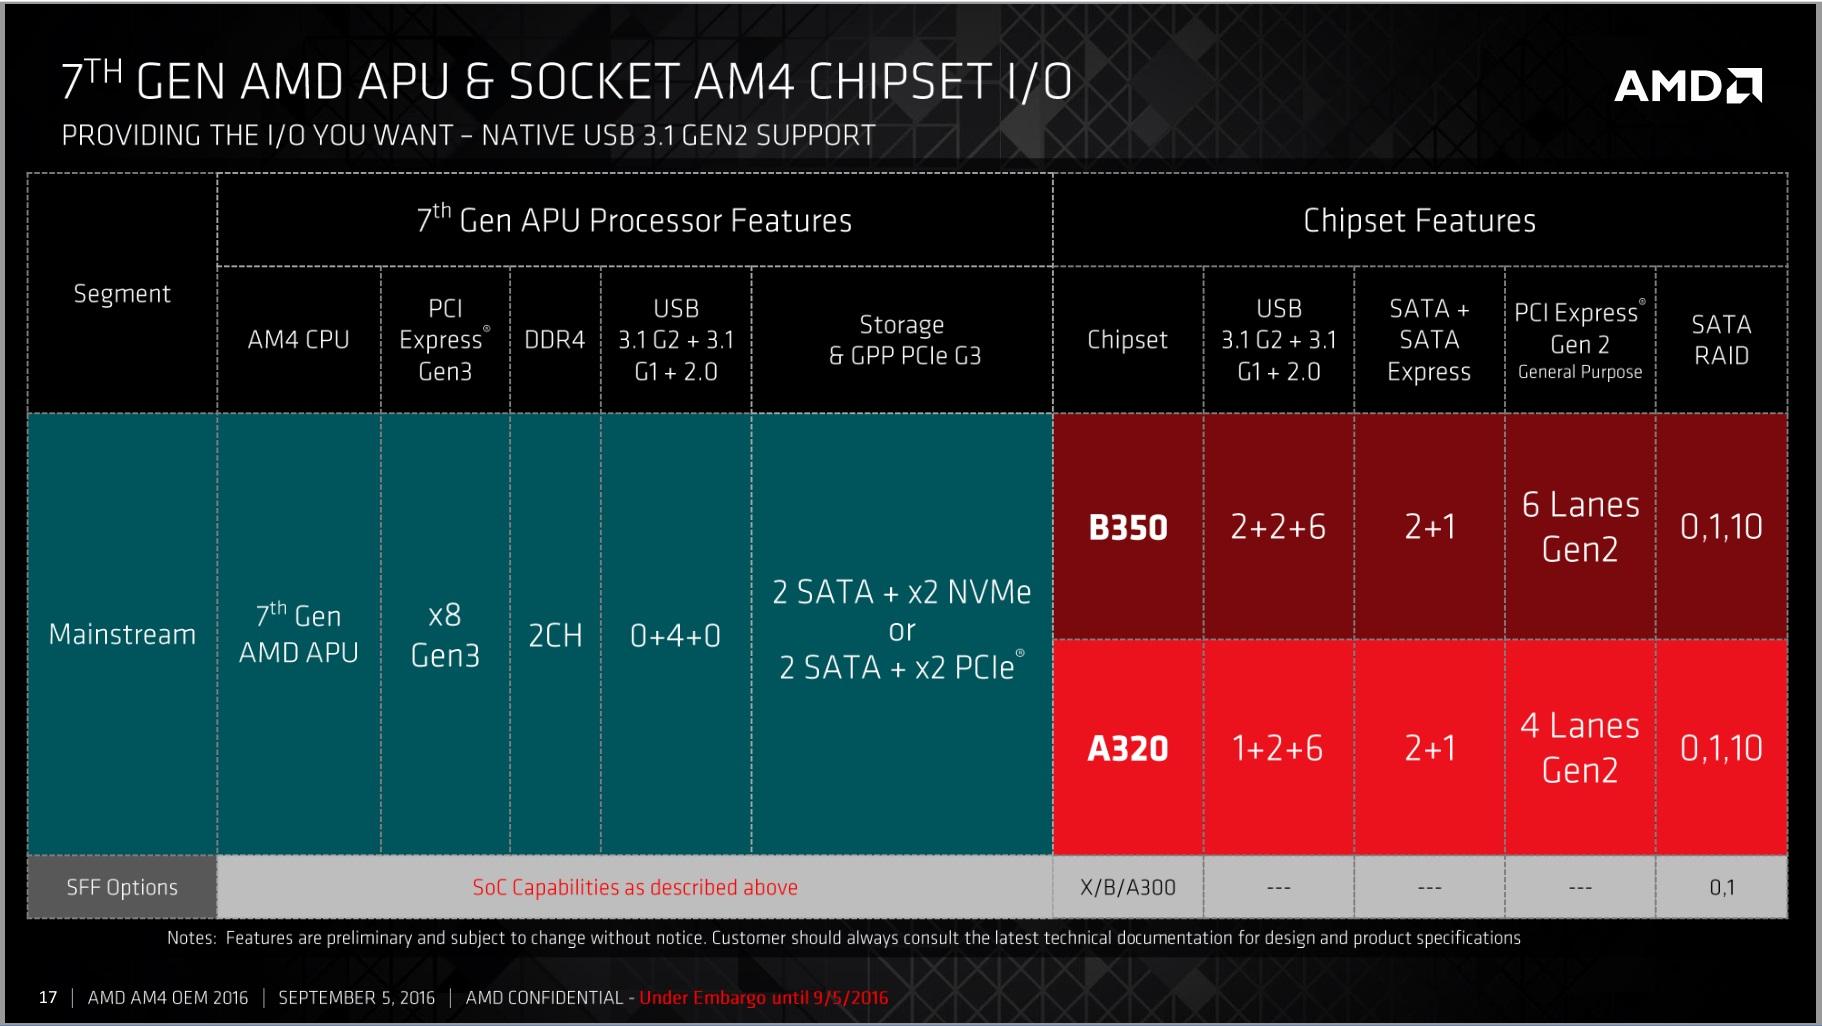 выход нового процессора от амд зен